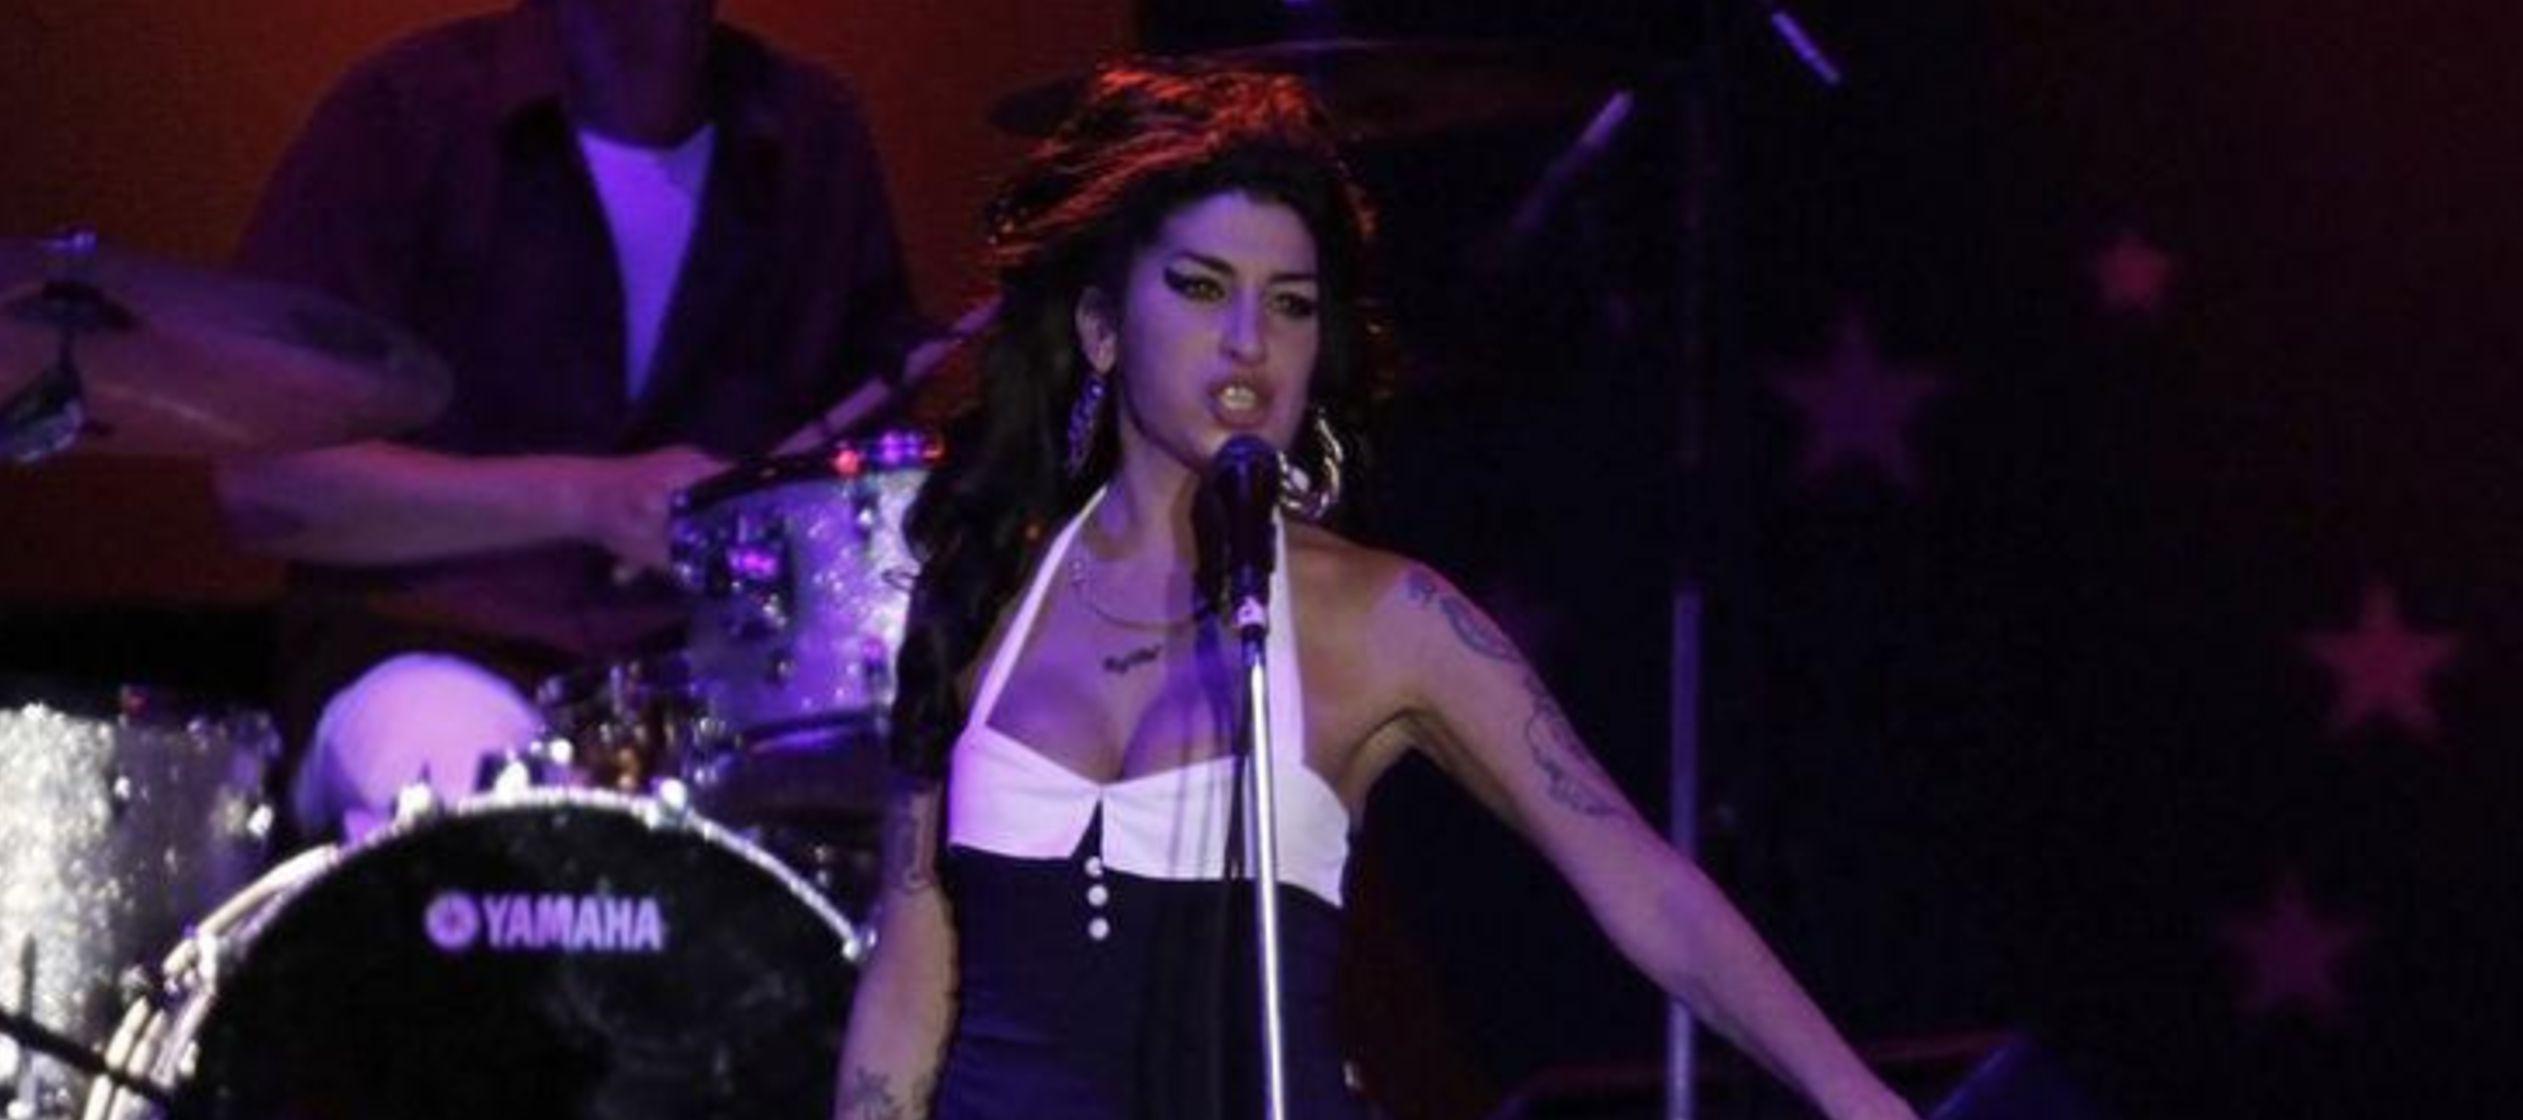 El holograma de Winehouse será proyectado en el escenario frente a una banda en vivo que...